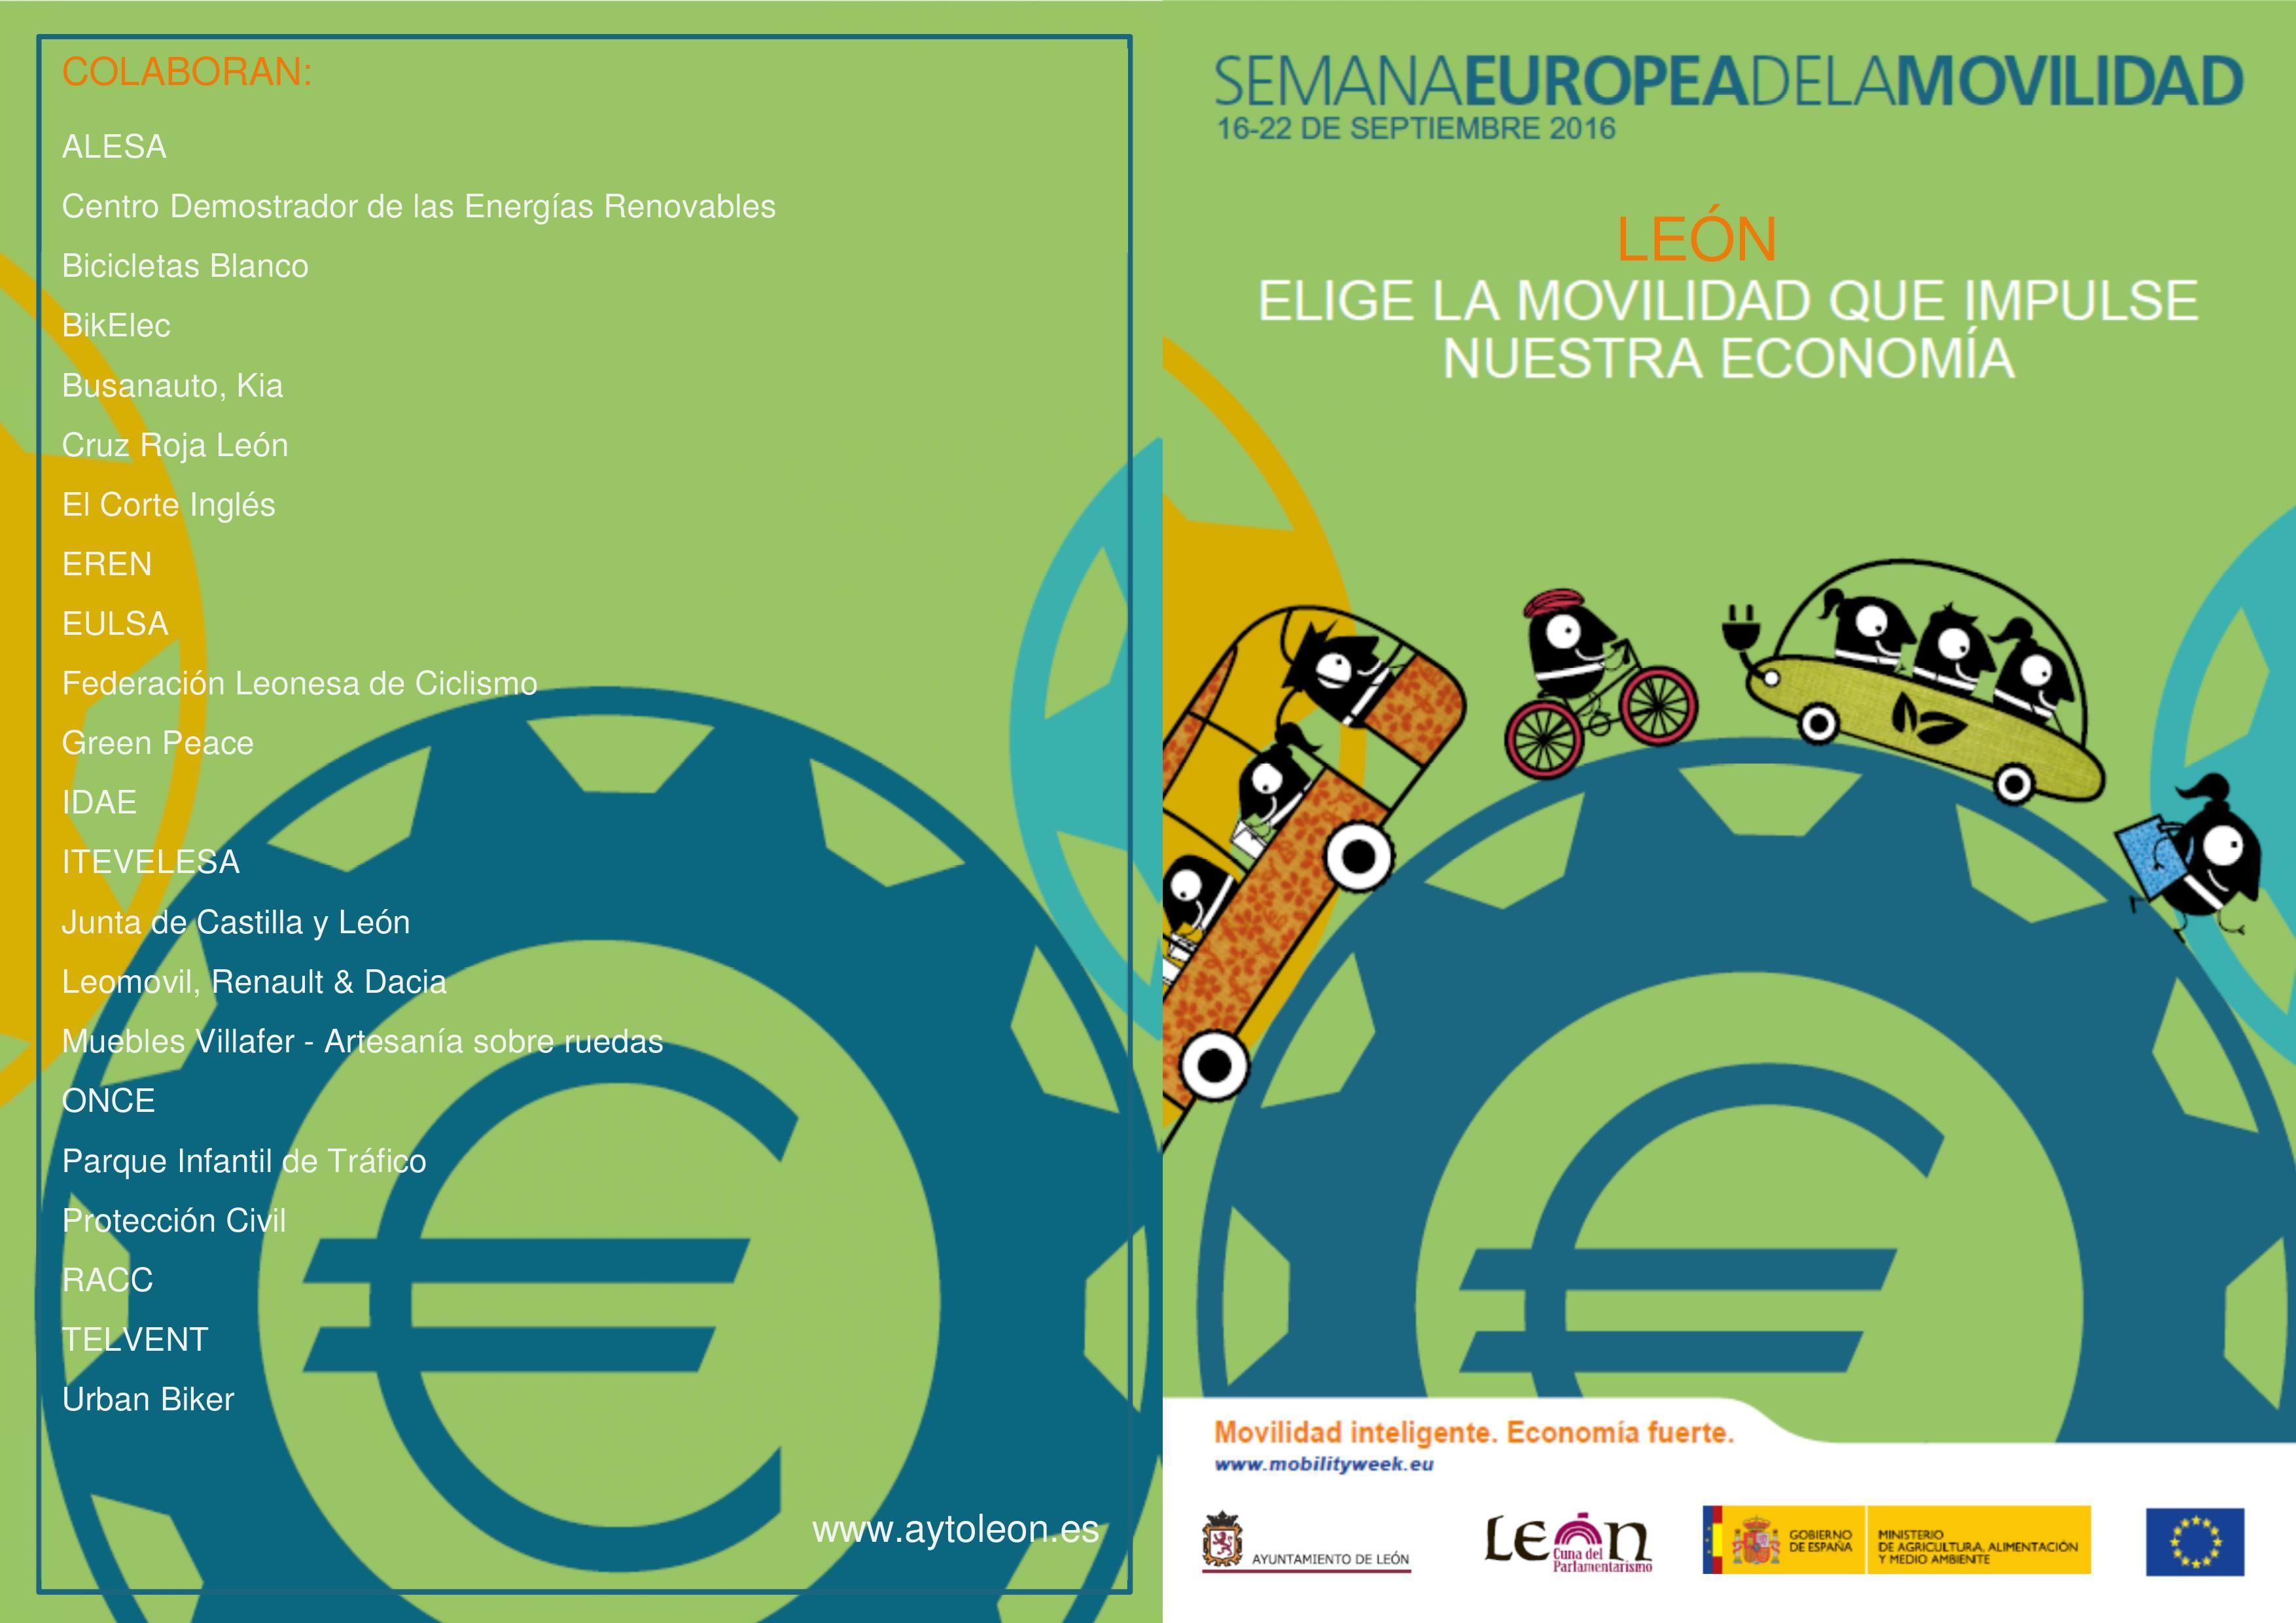 SEMANA EUROPEA DE LA MOVILIDAD 16-22